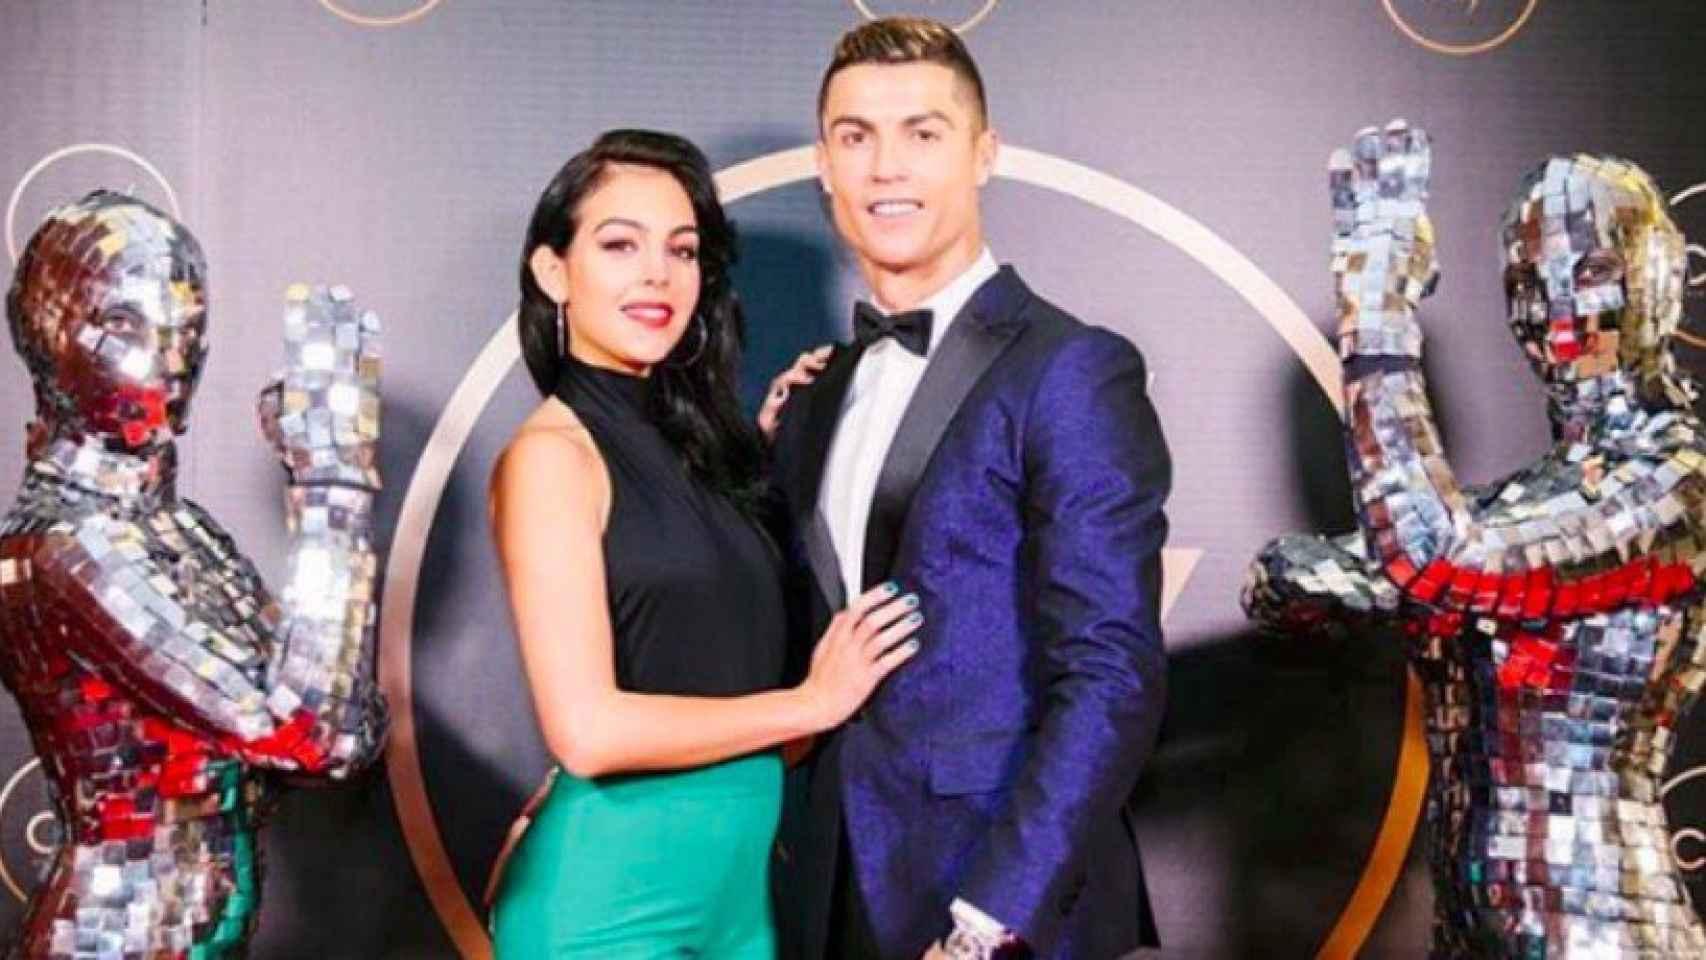 Cristiano y Georgina. Foto Instagram (@georginagio)